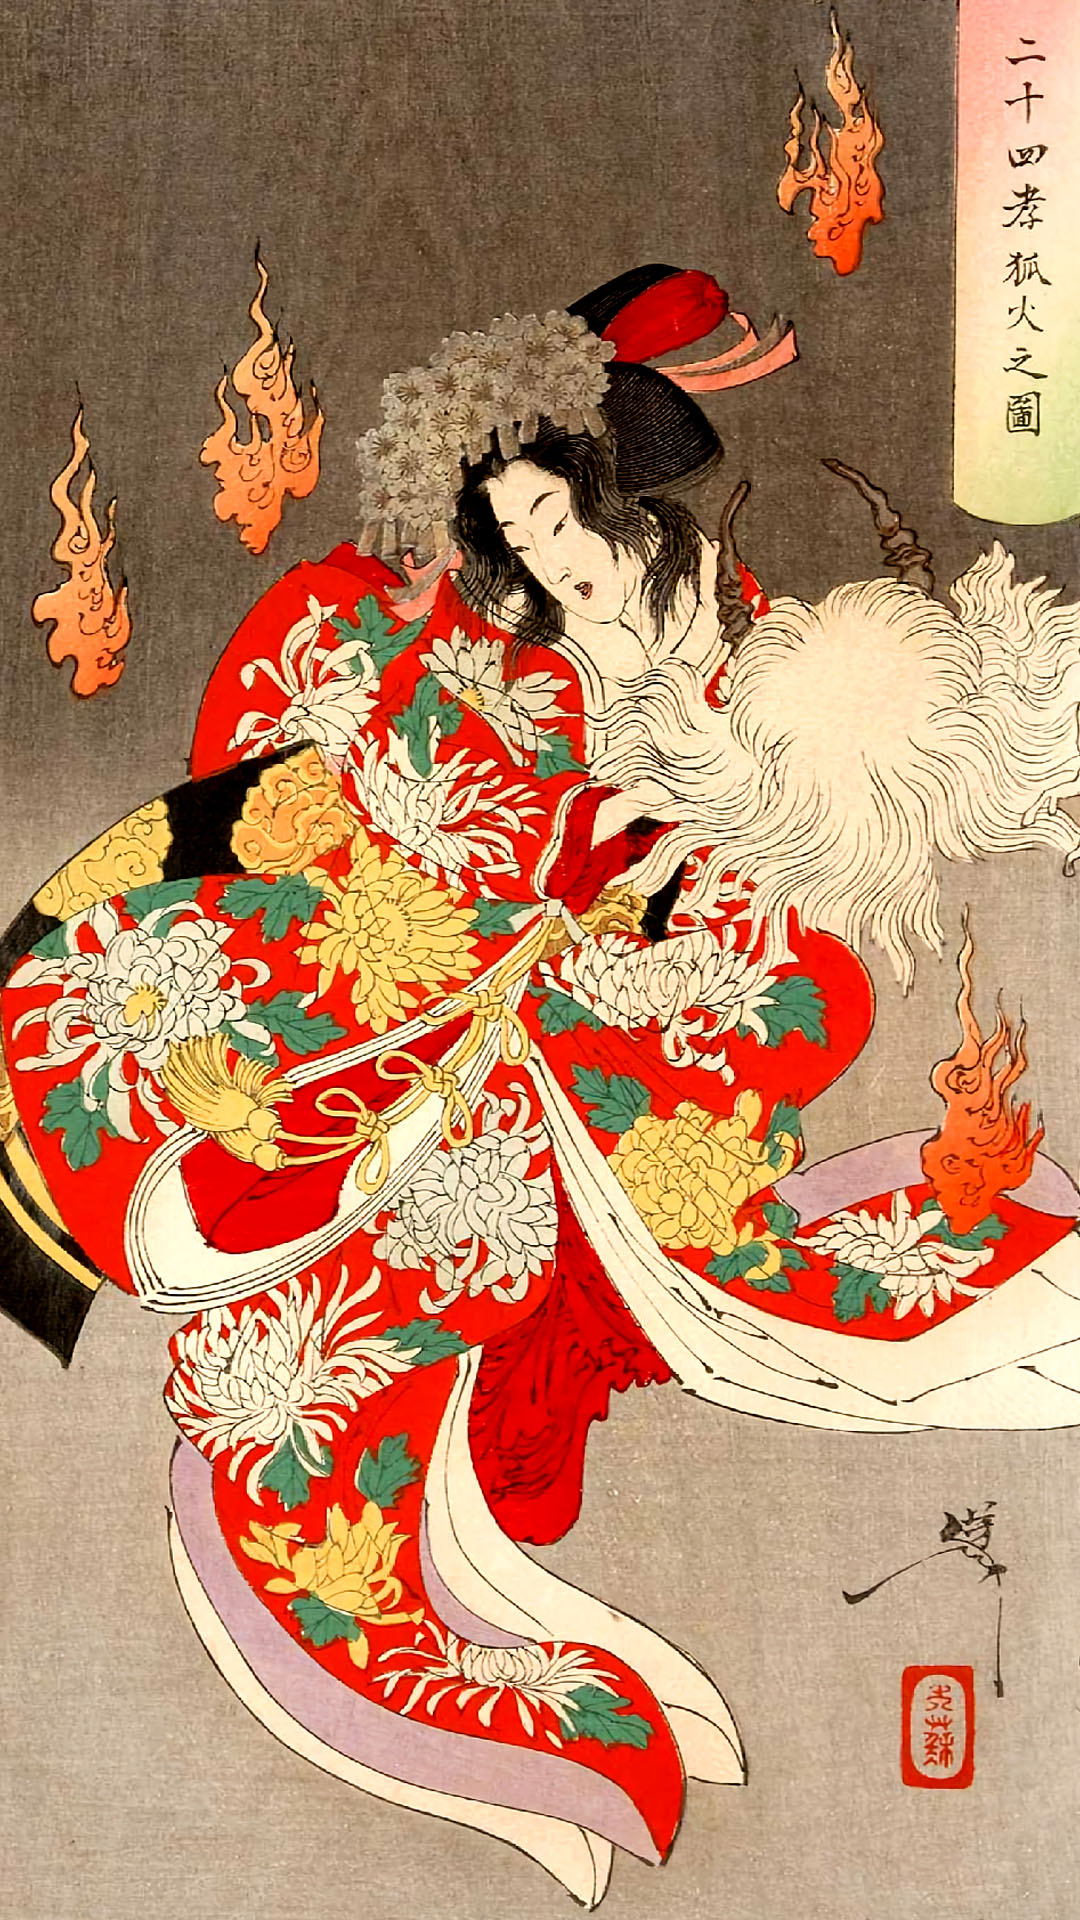 月岡芳年 Tsukioka Yoshitoshi - Nijushiko Kitsunebi no zu 1080x1920